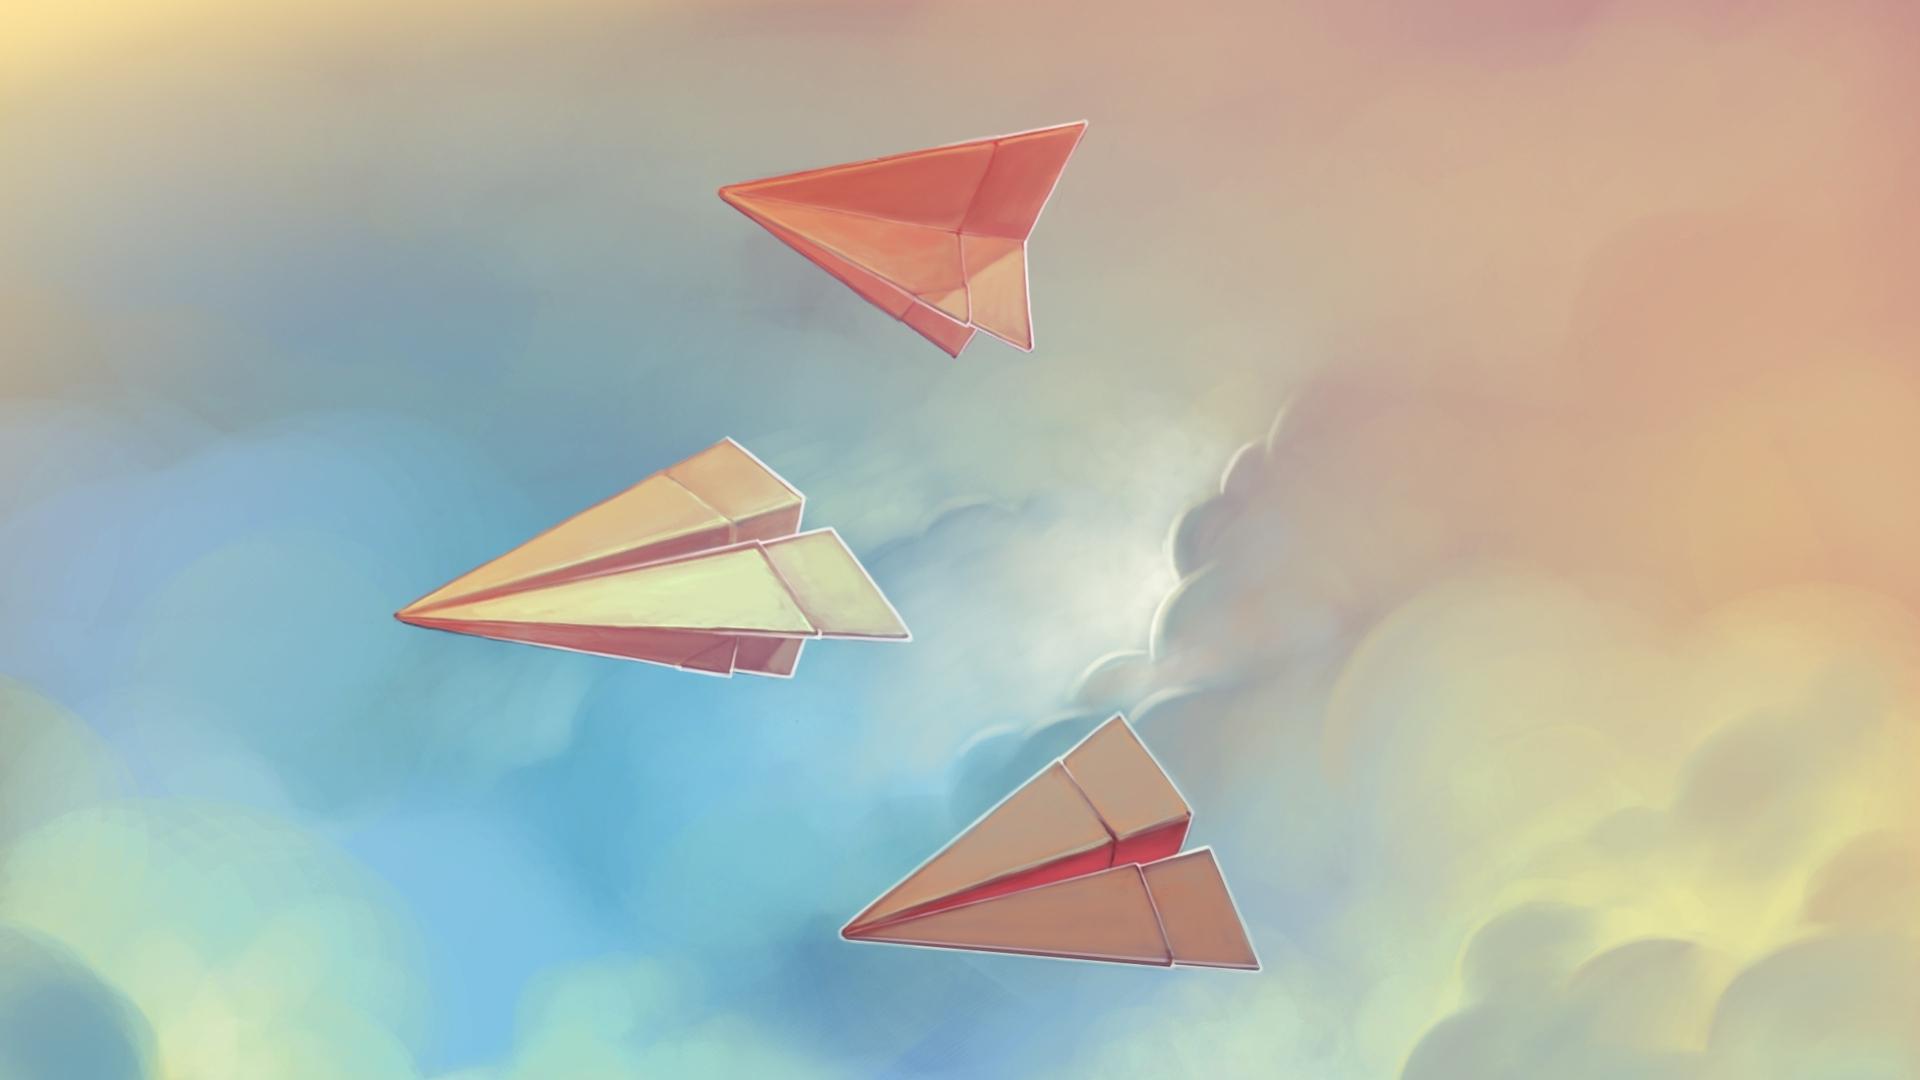 Šolski Prešernov natečaj: Papirnata letala